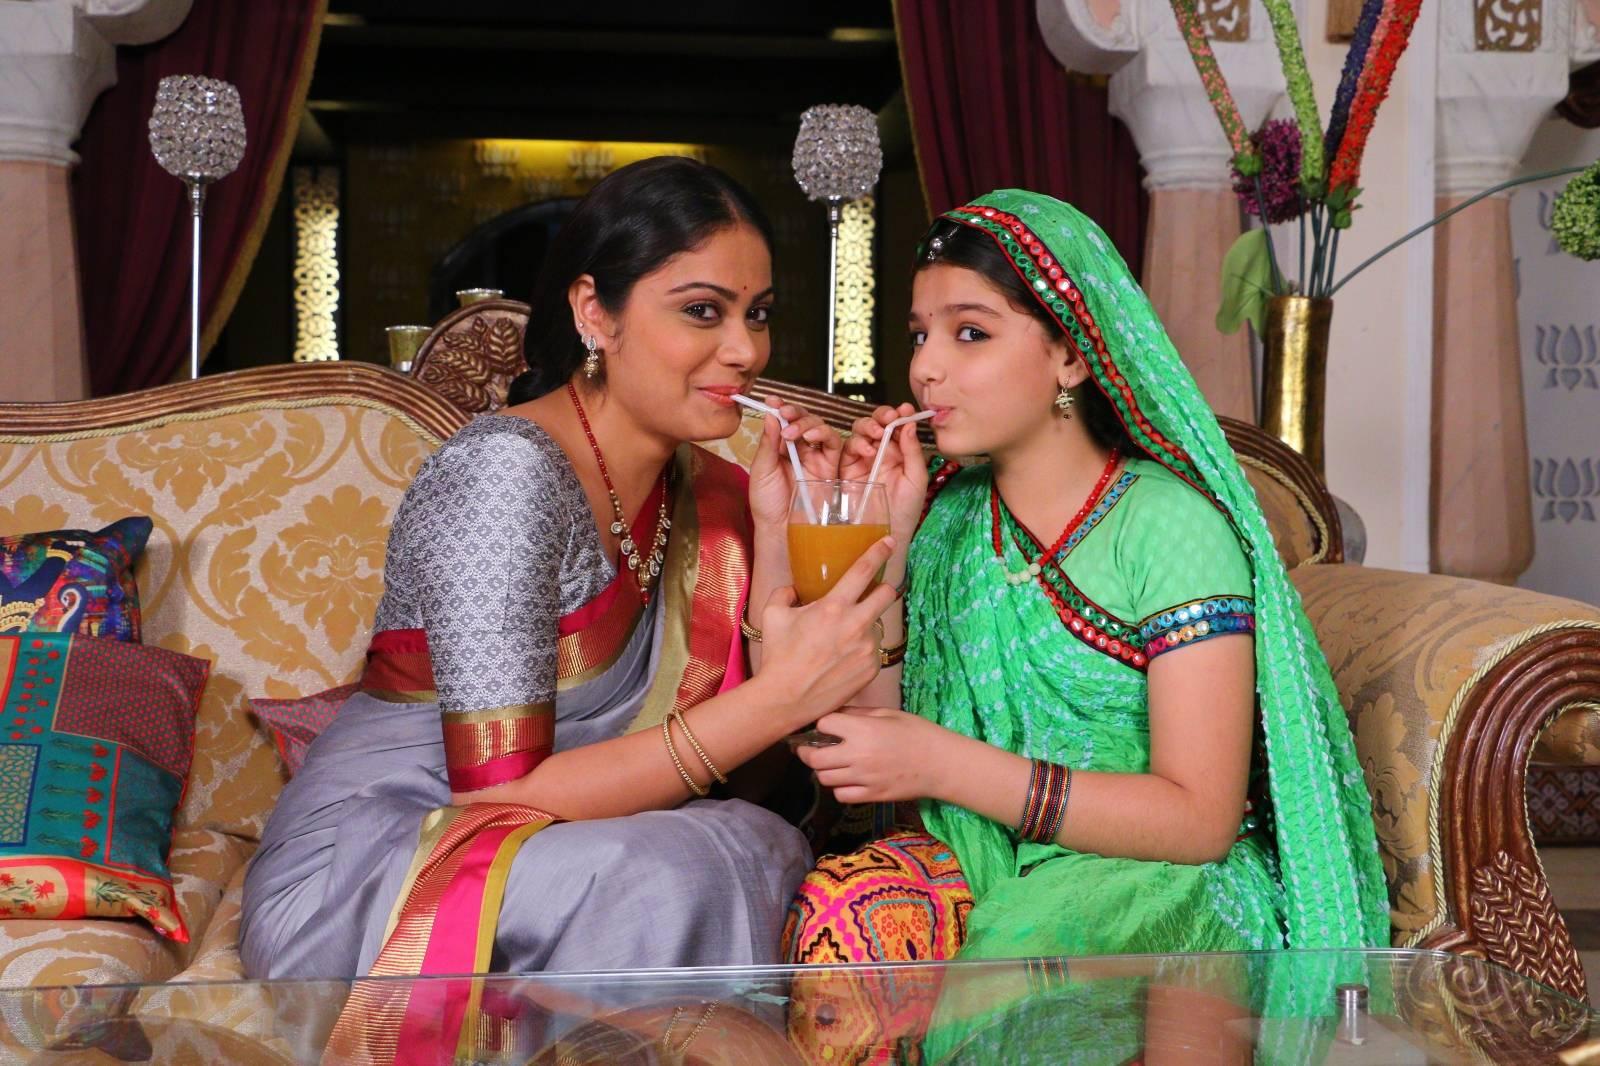 Порно индийское кино ананди последняя серия делает куни